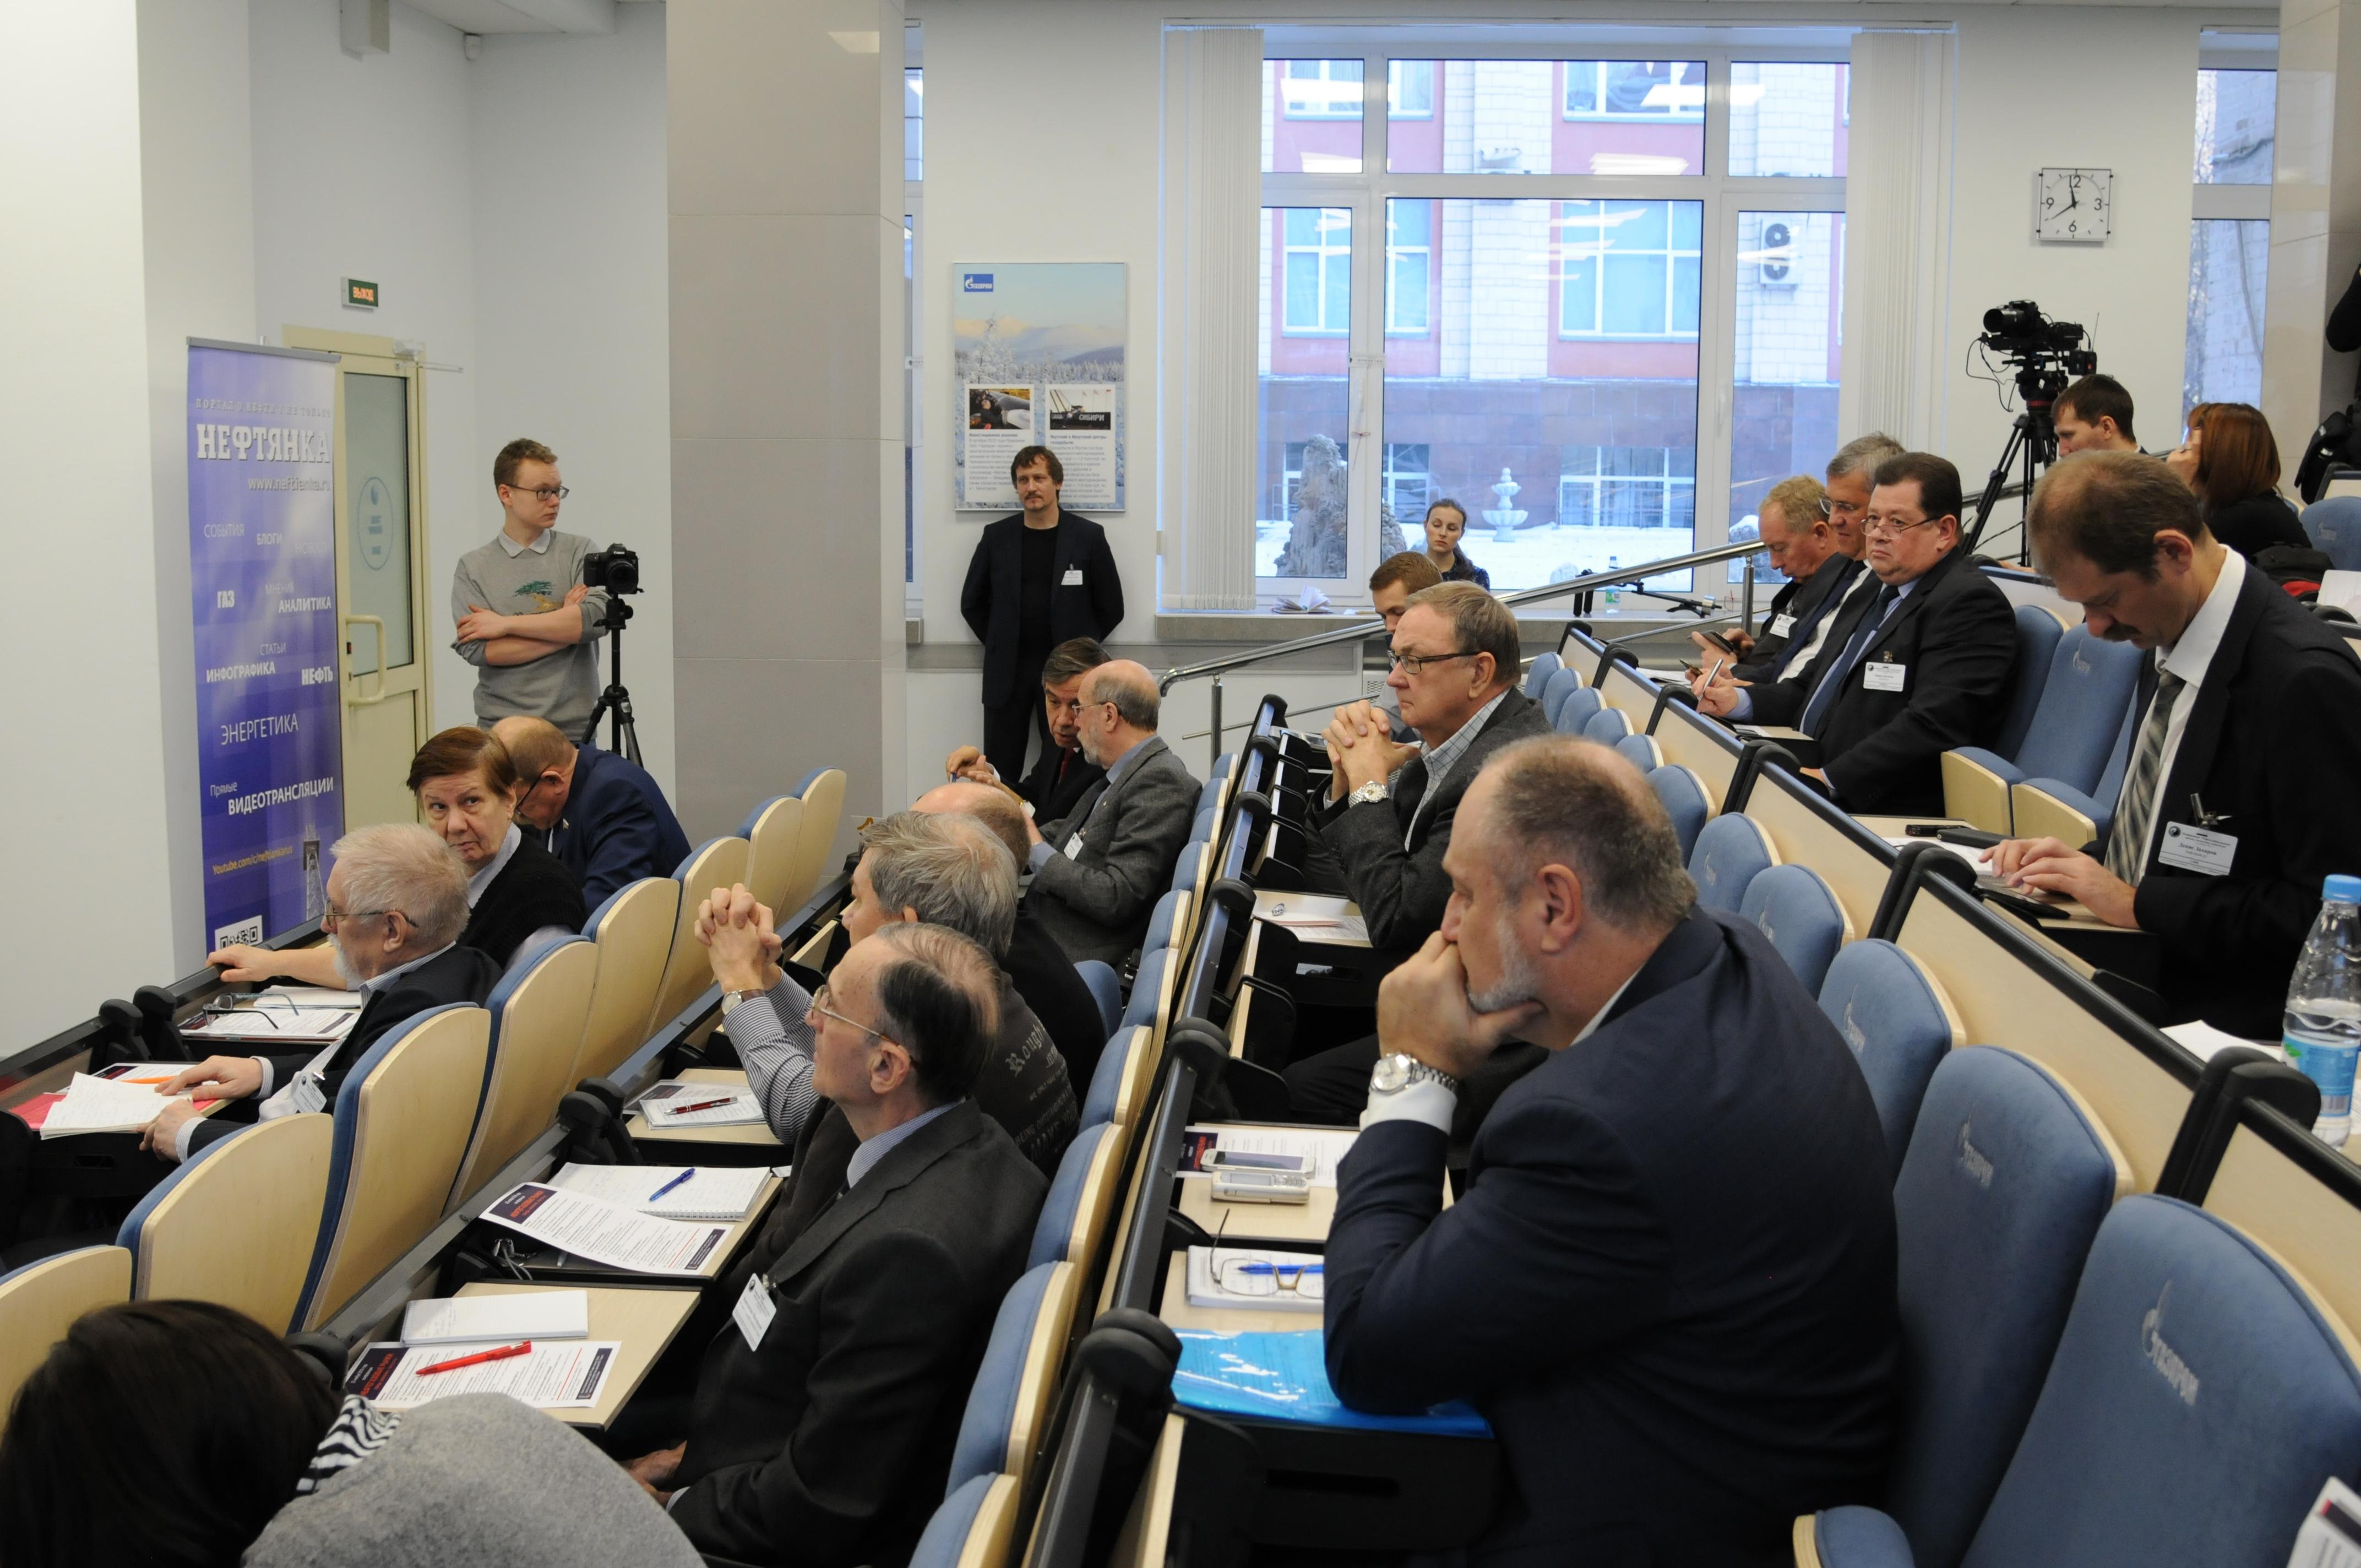 Итоги конференции «Нефтегазовые рынки: тренды, экономика, технологии»